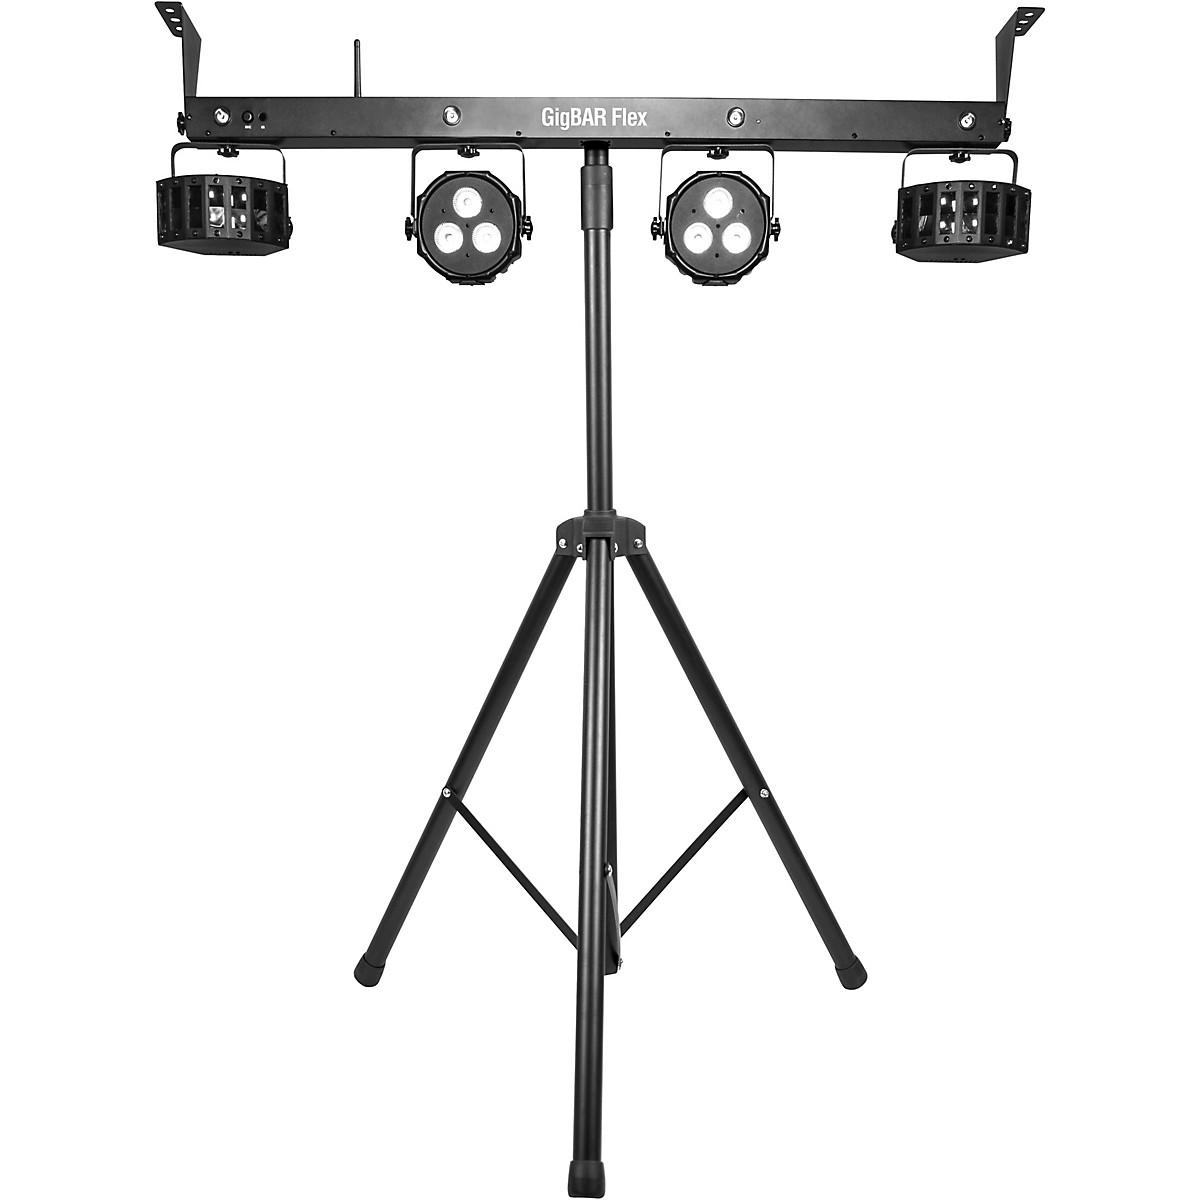 CHAUVET DJ GigBAR Flex 3-in-1 RGBW+UV LED Light Bar Effect